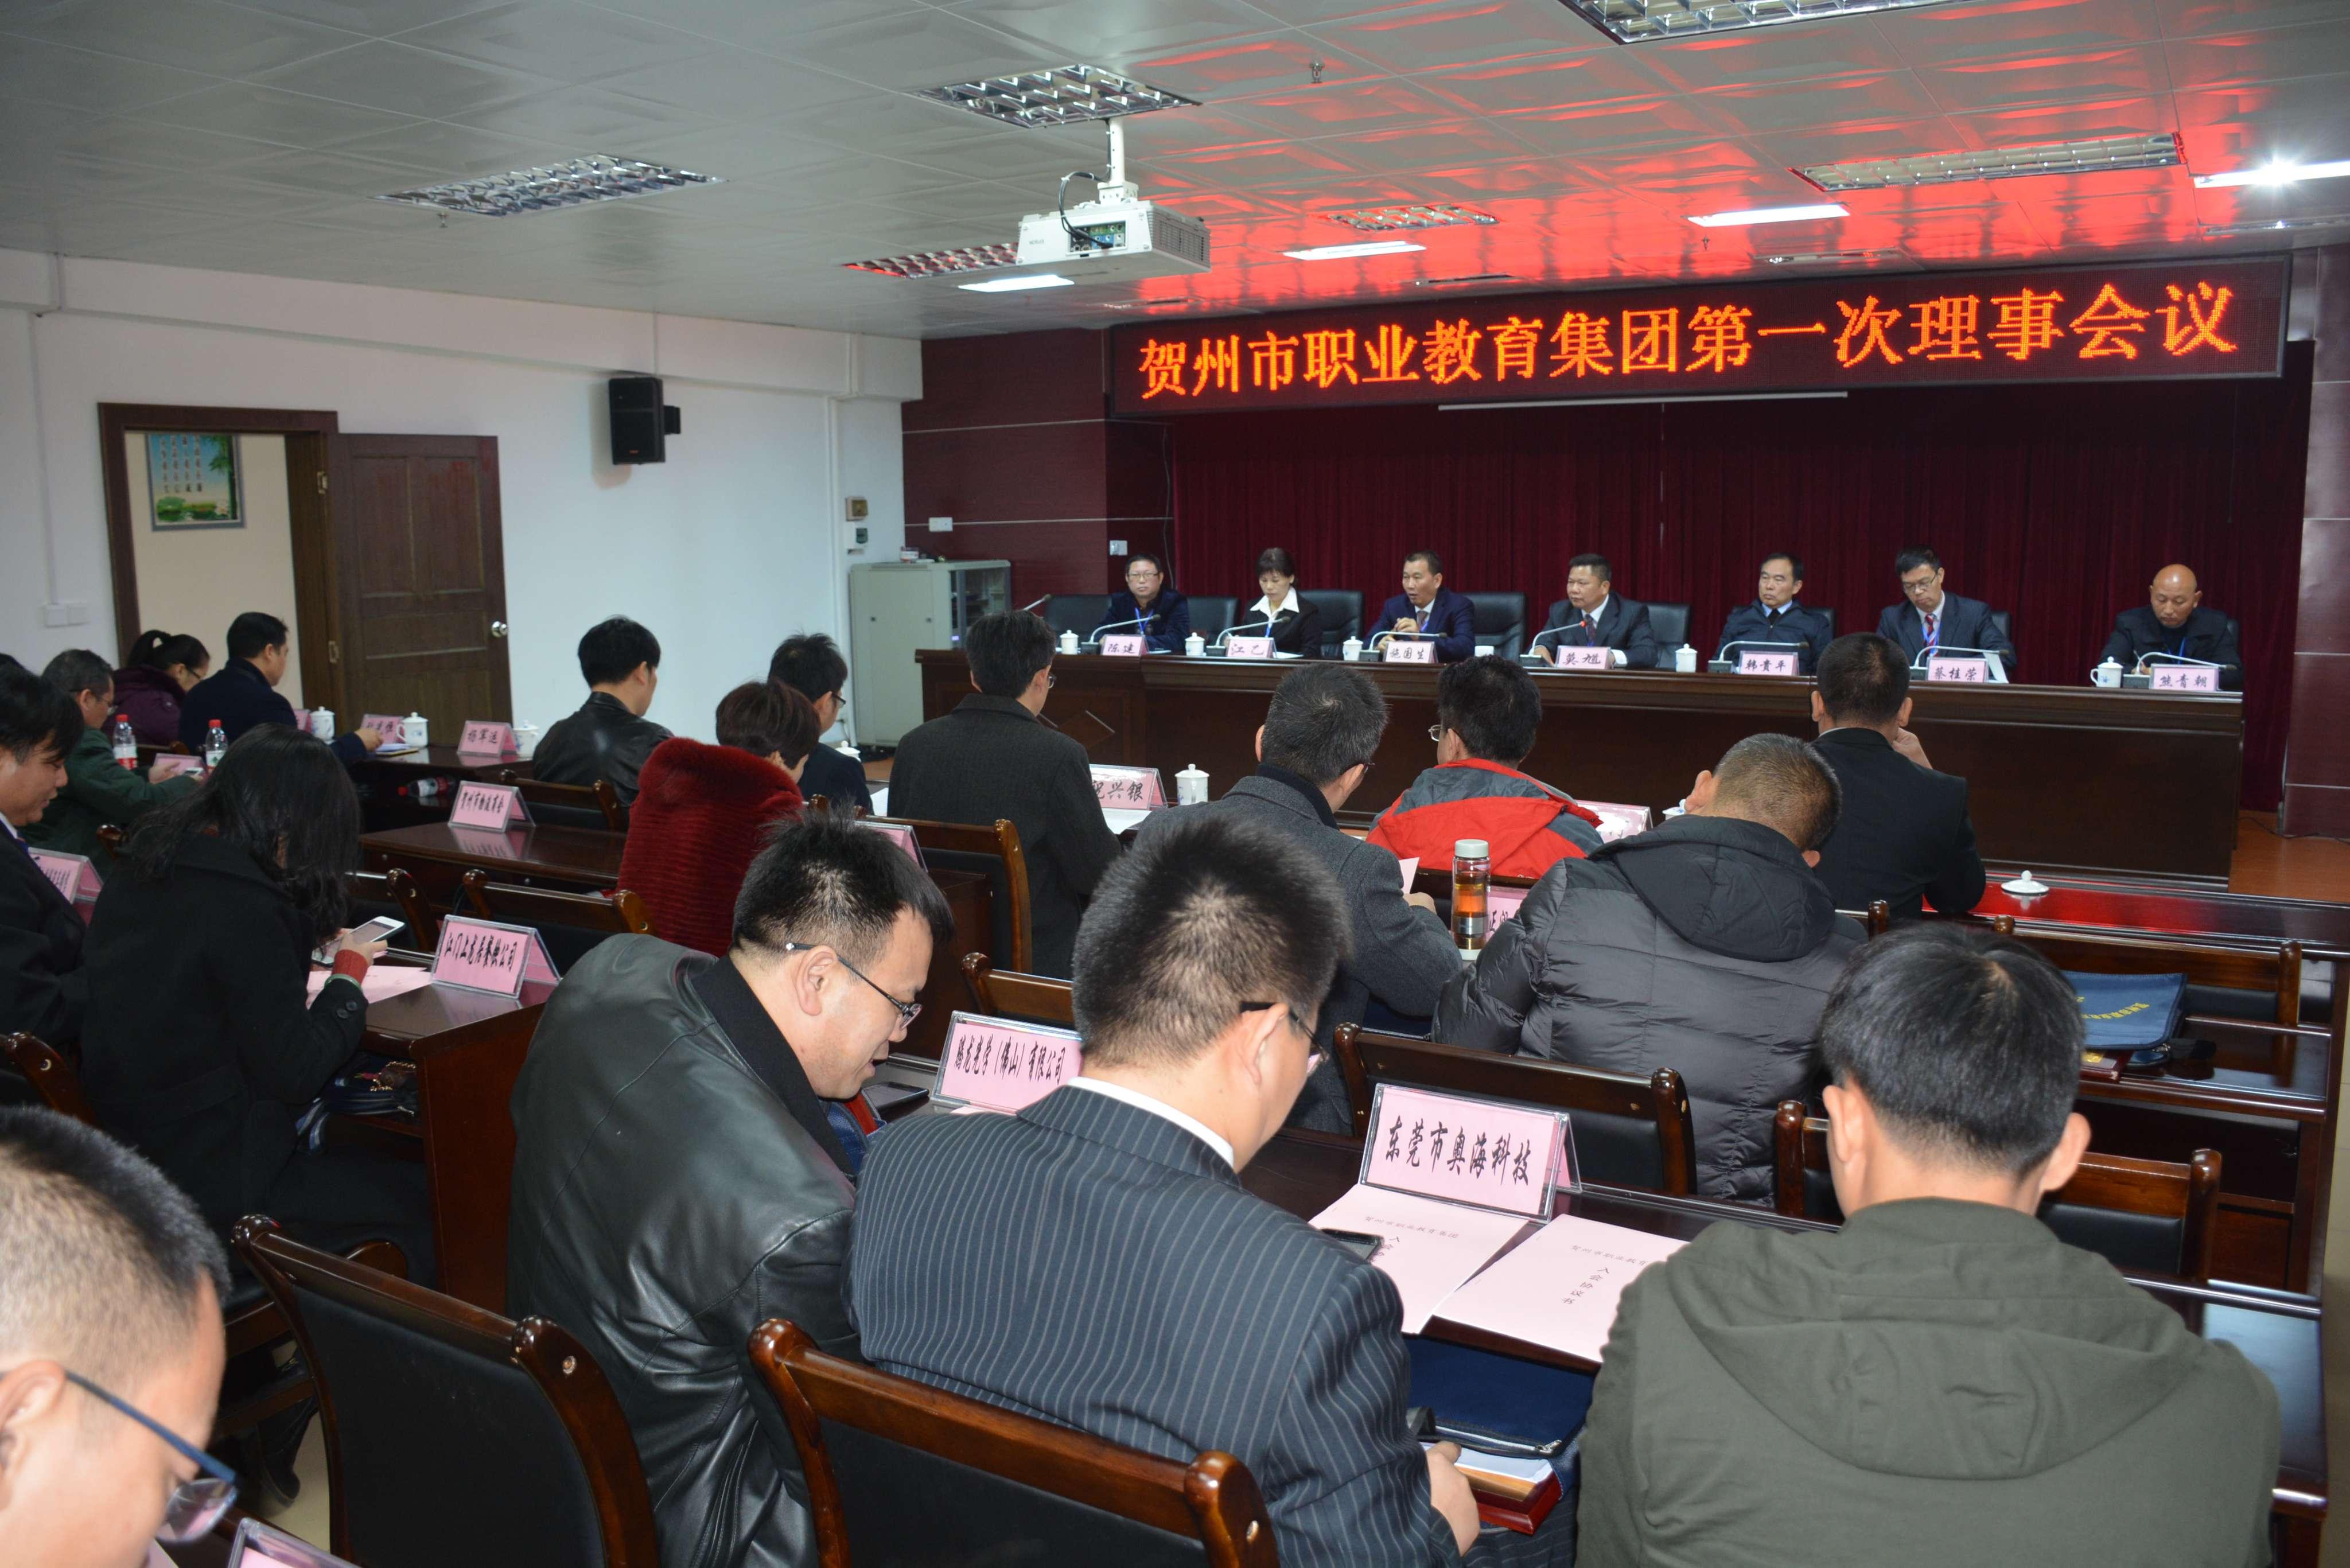 贺州市职业教育集团第一次理事会议会场.JPG